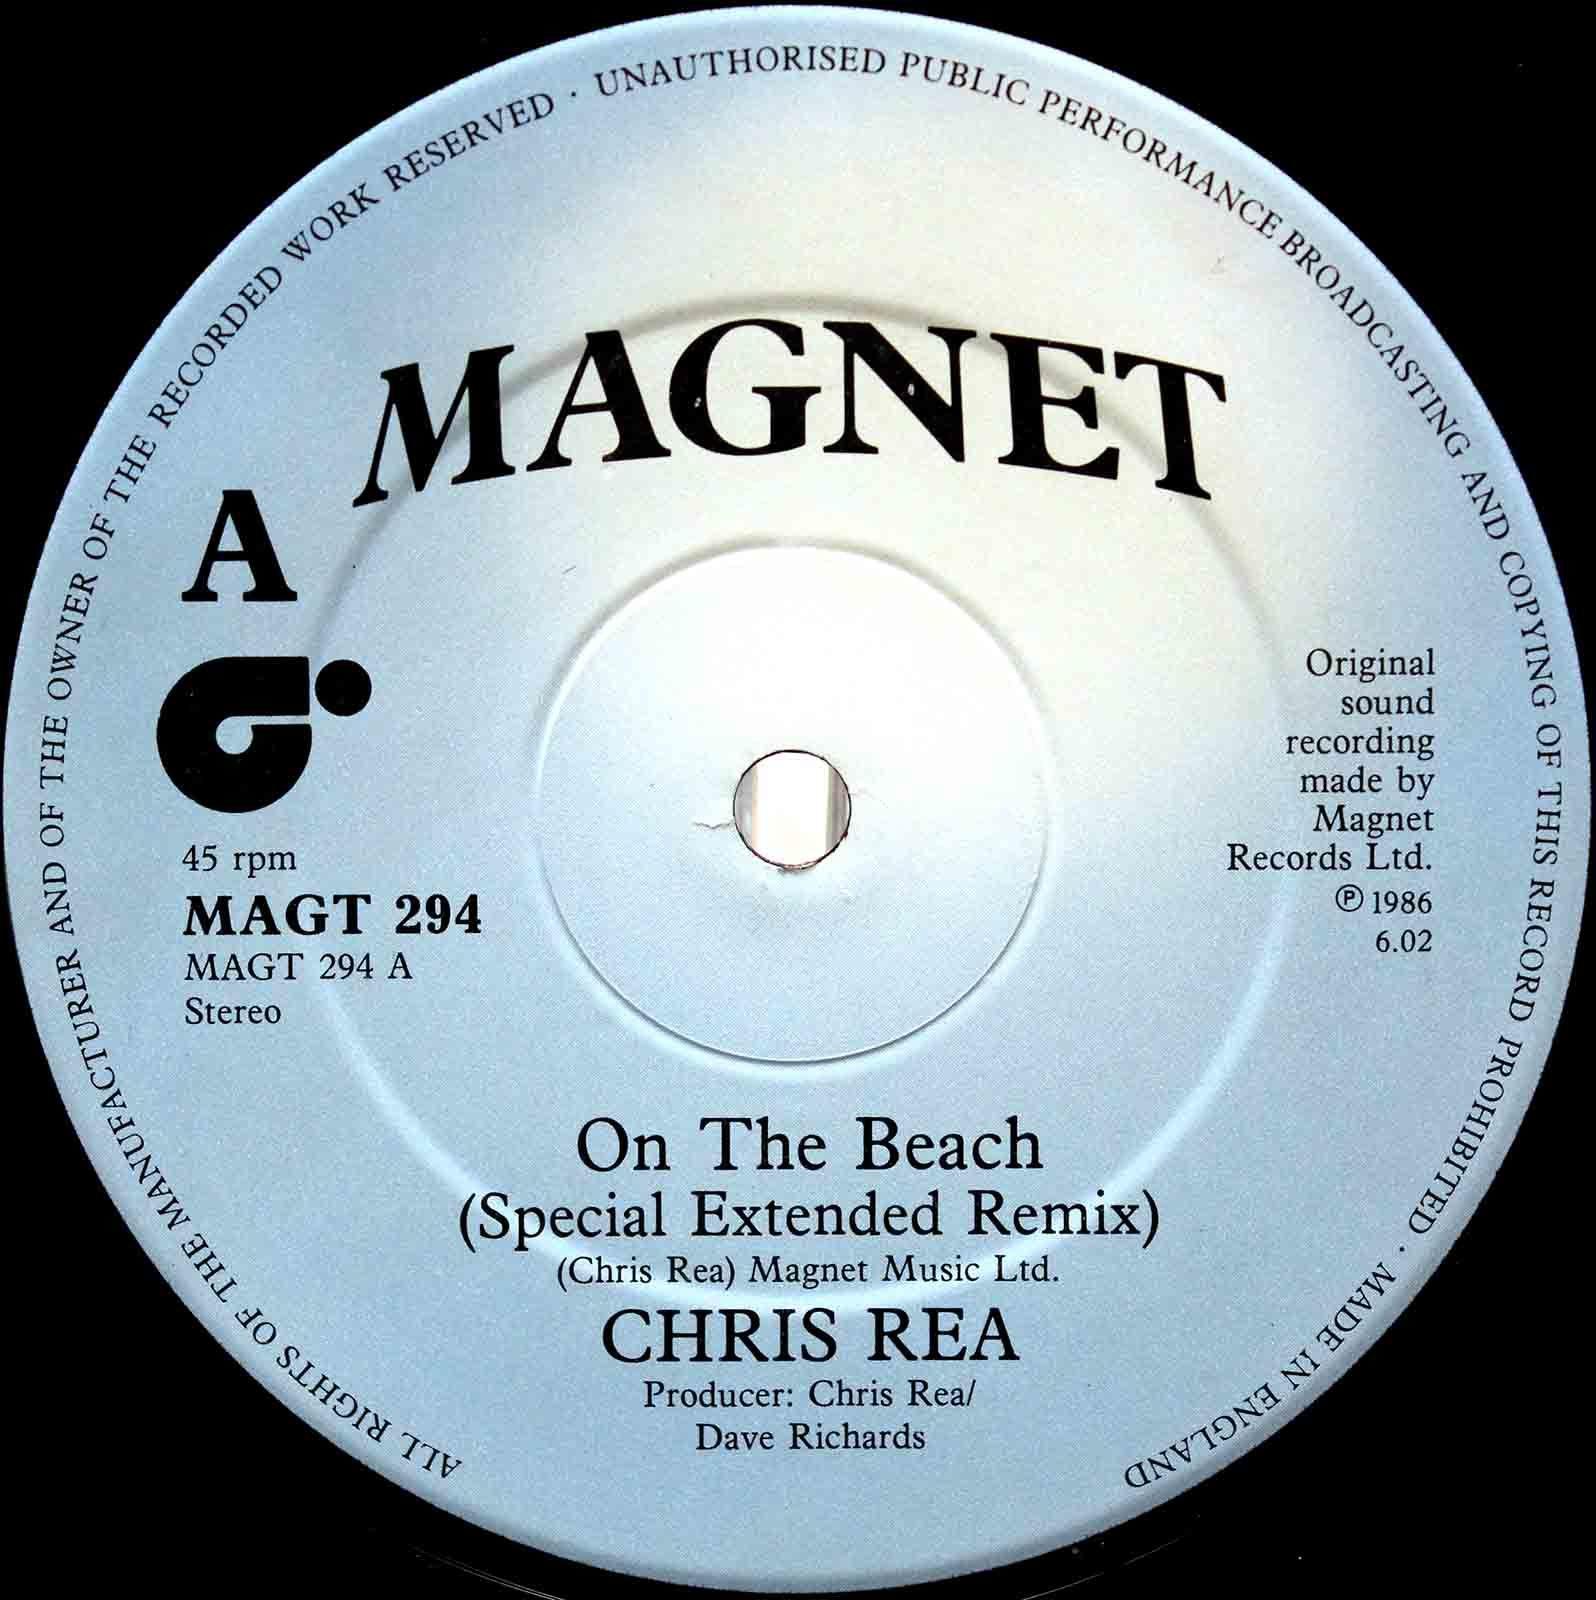 Chris Rea – On The Beach 03